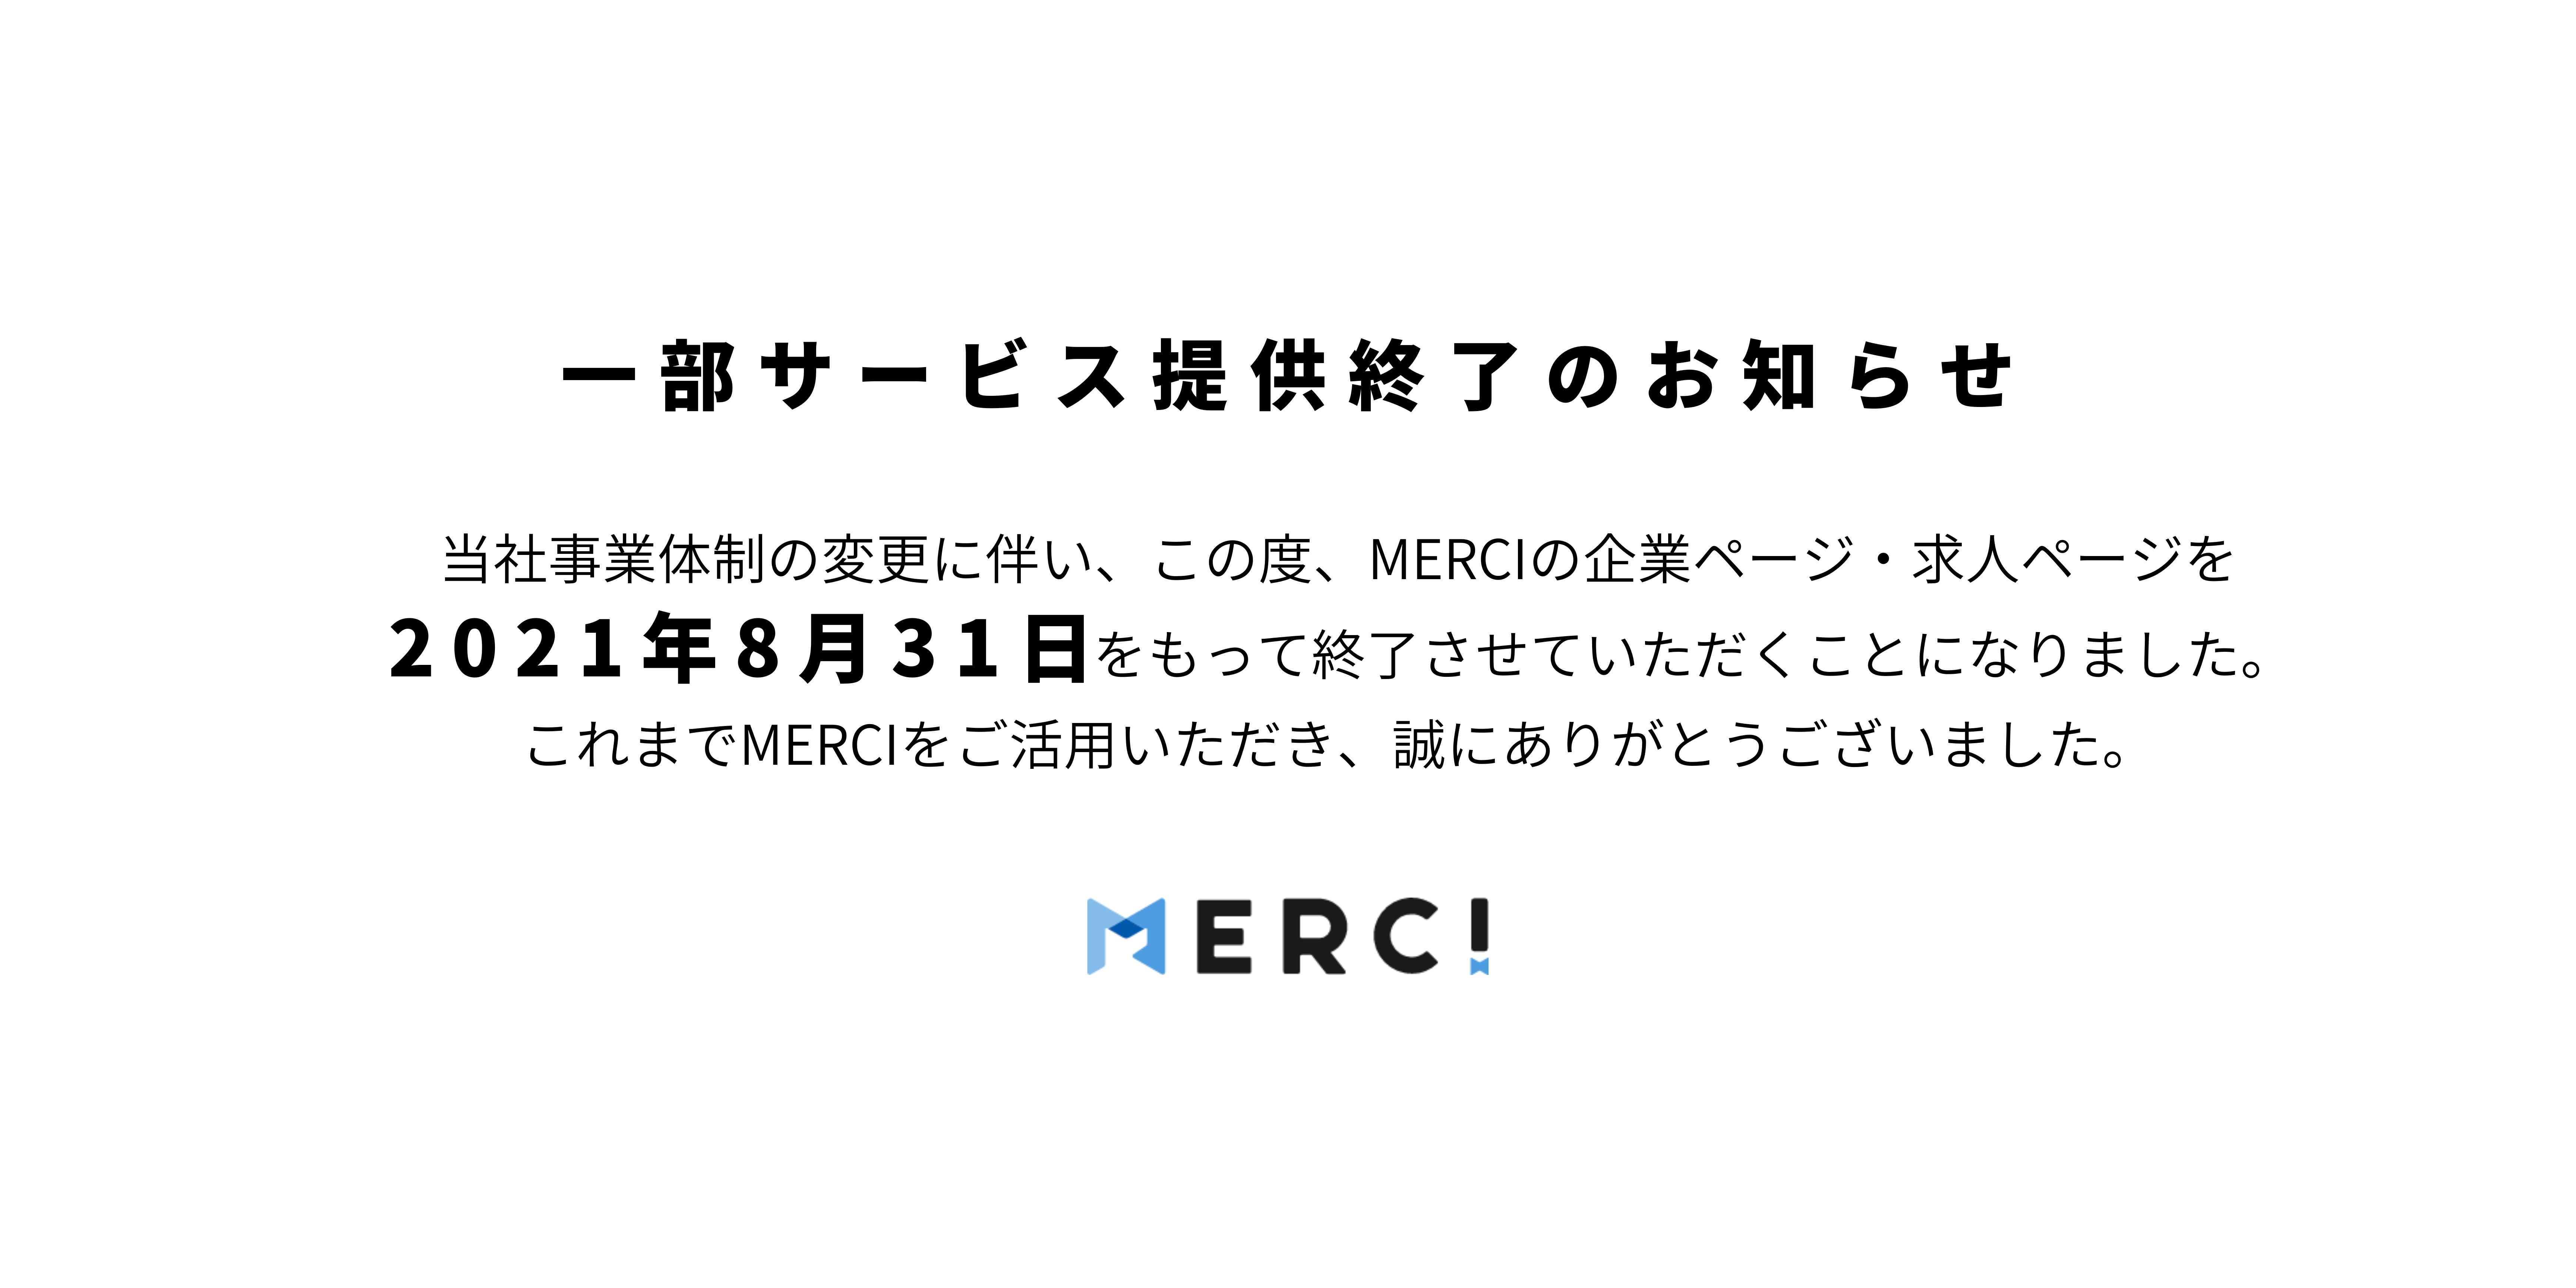 Bnr merci line official 01 sp